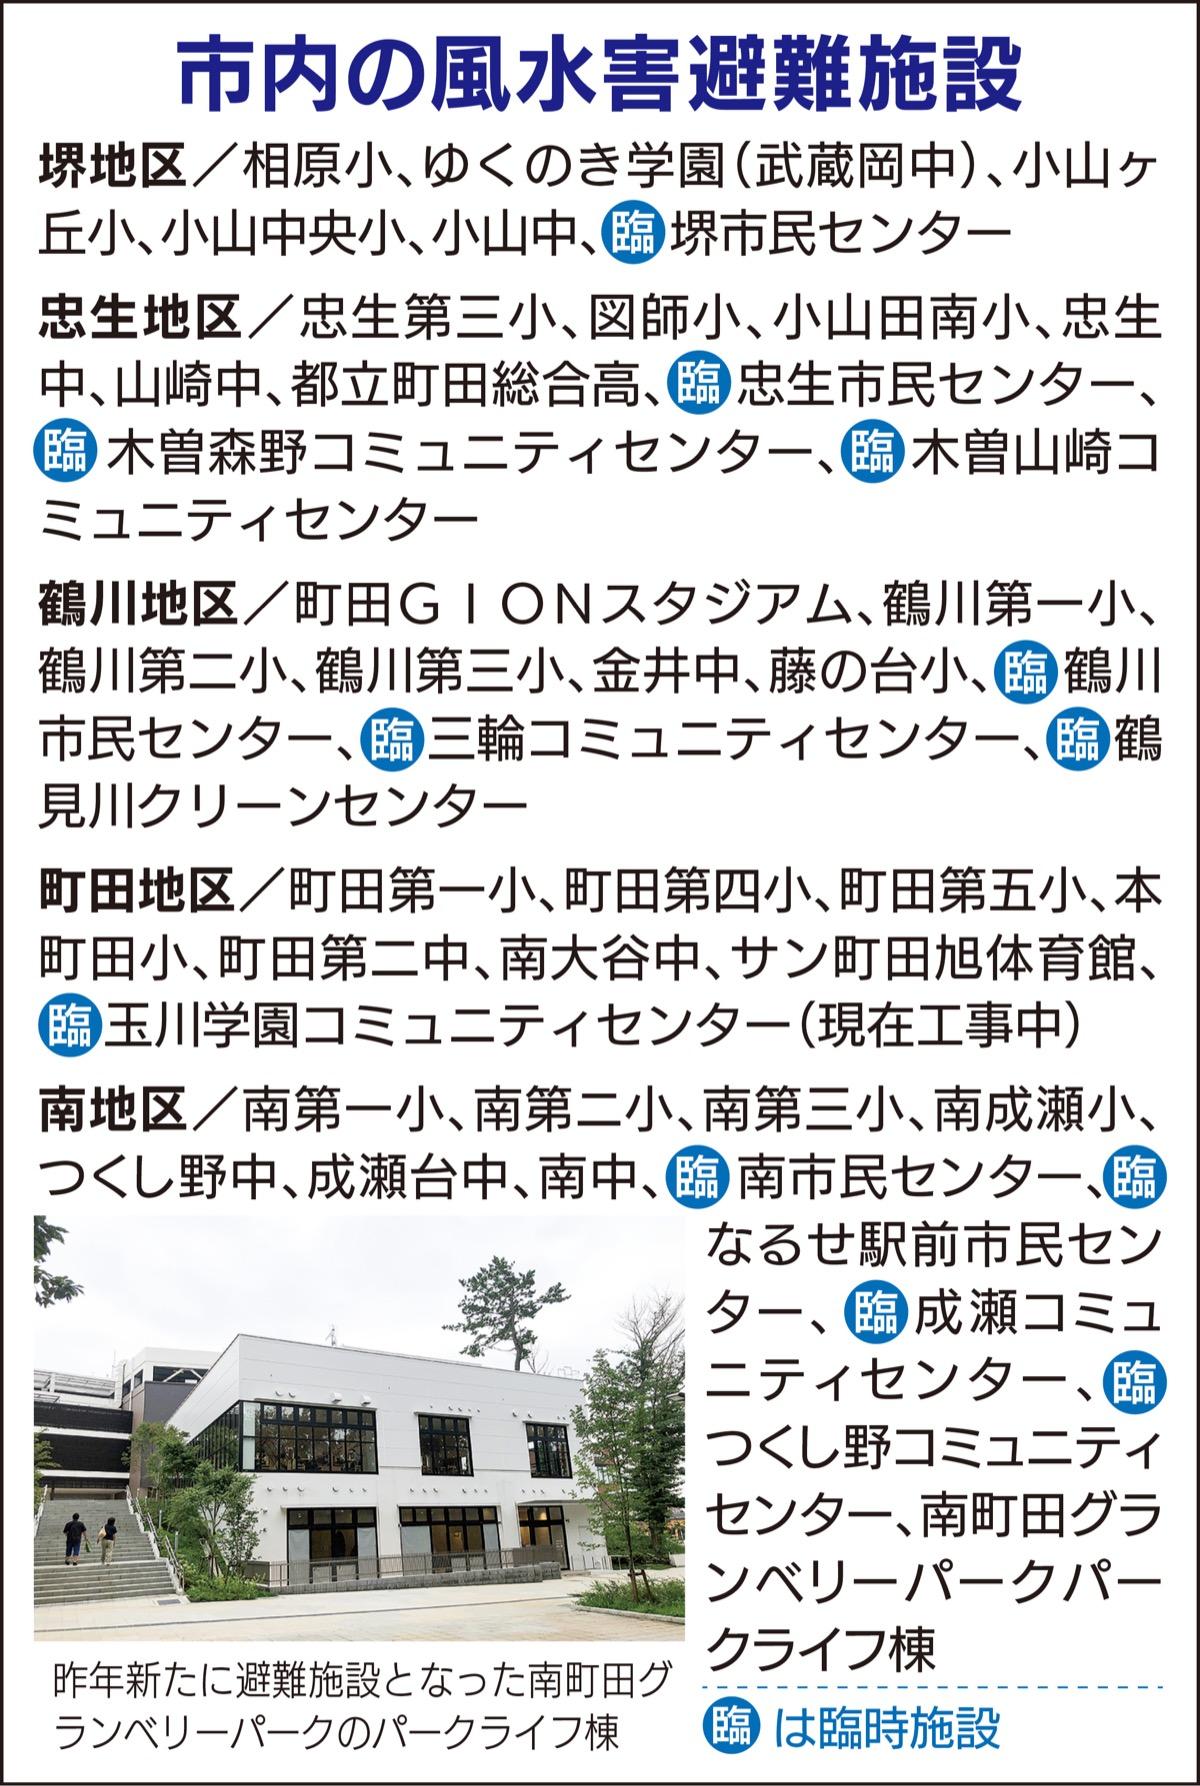 町田 市 コロナ 人数 新型コロナウイルス感染症について/町田市ホームページ